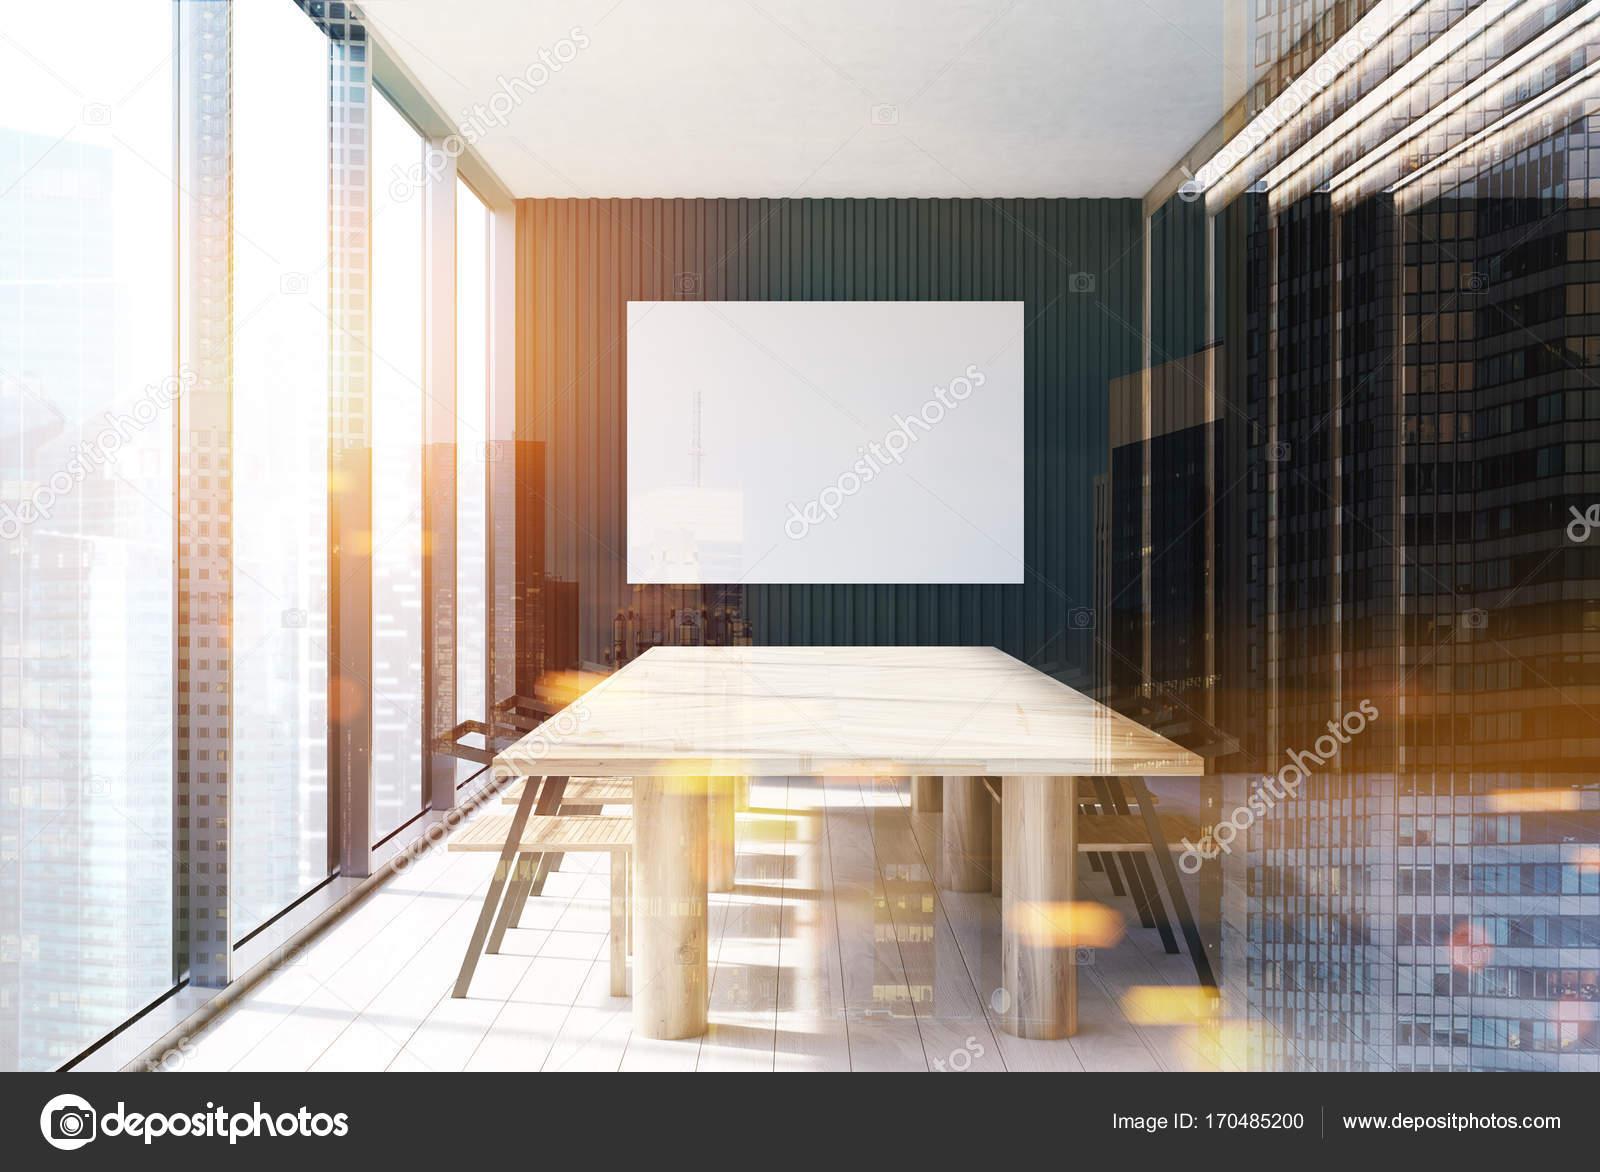 Wonderful Schwarz, Die Moderne Innenraum, Plakat Getönten Treffen U2014 Stockfoto